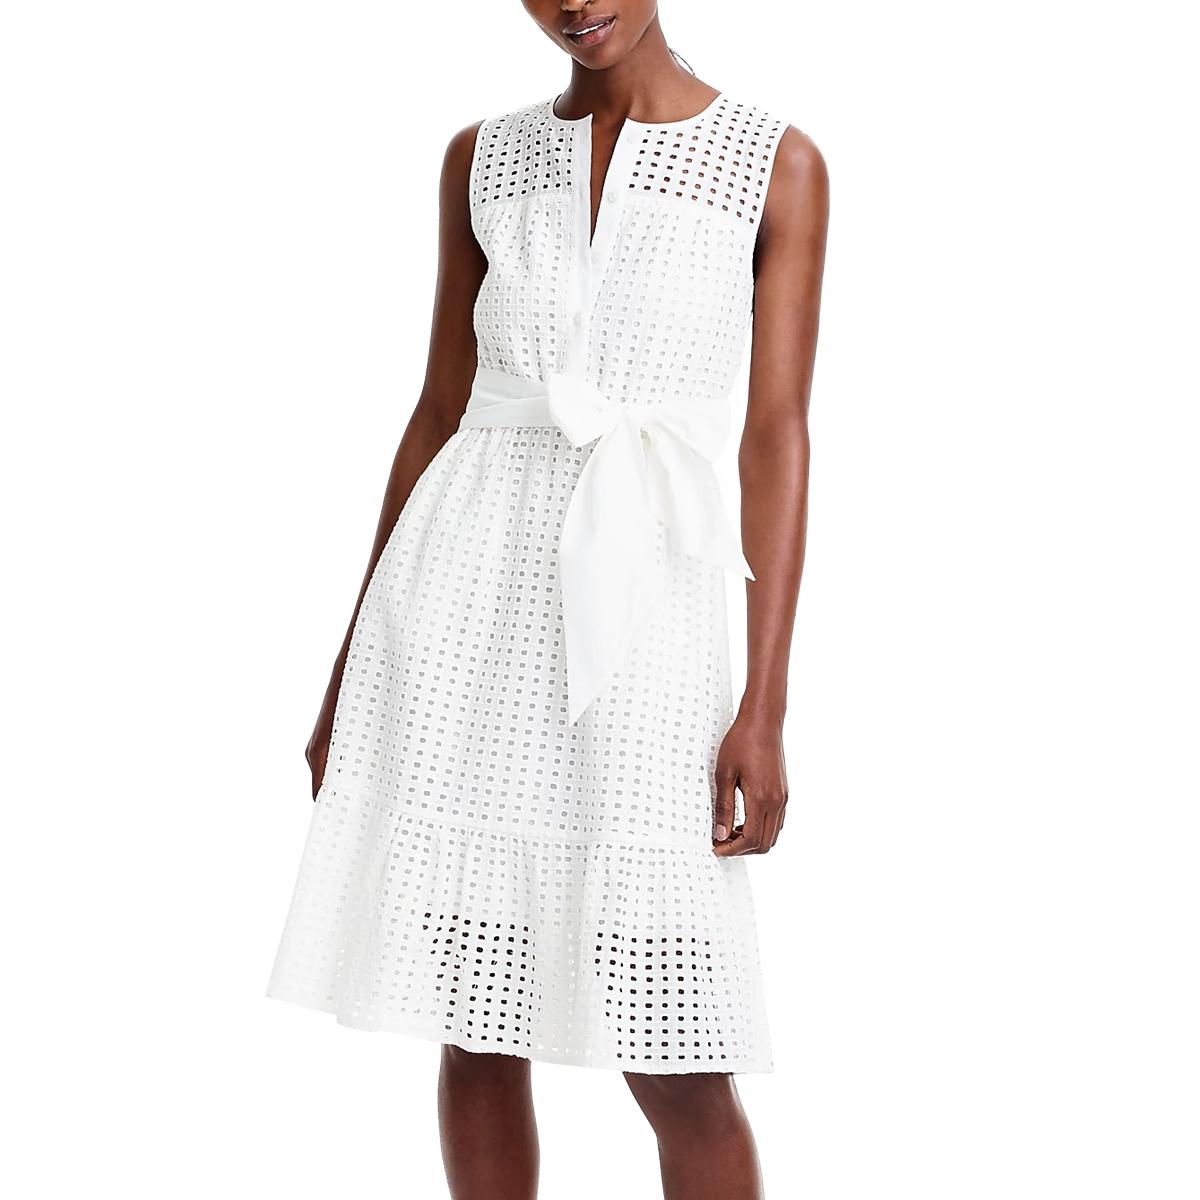 jcrew sleeveless eyelet dress.jpg